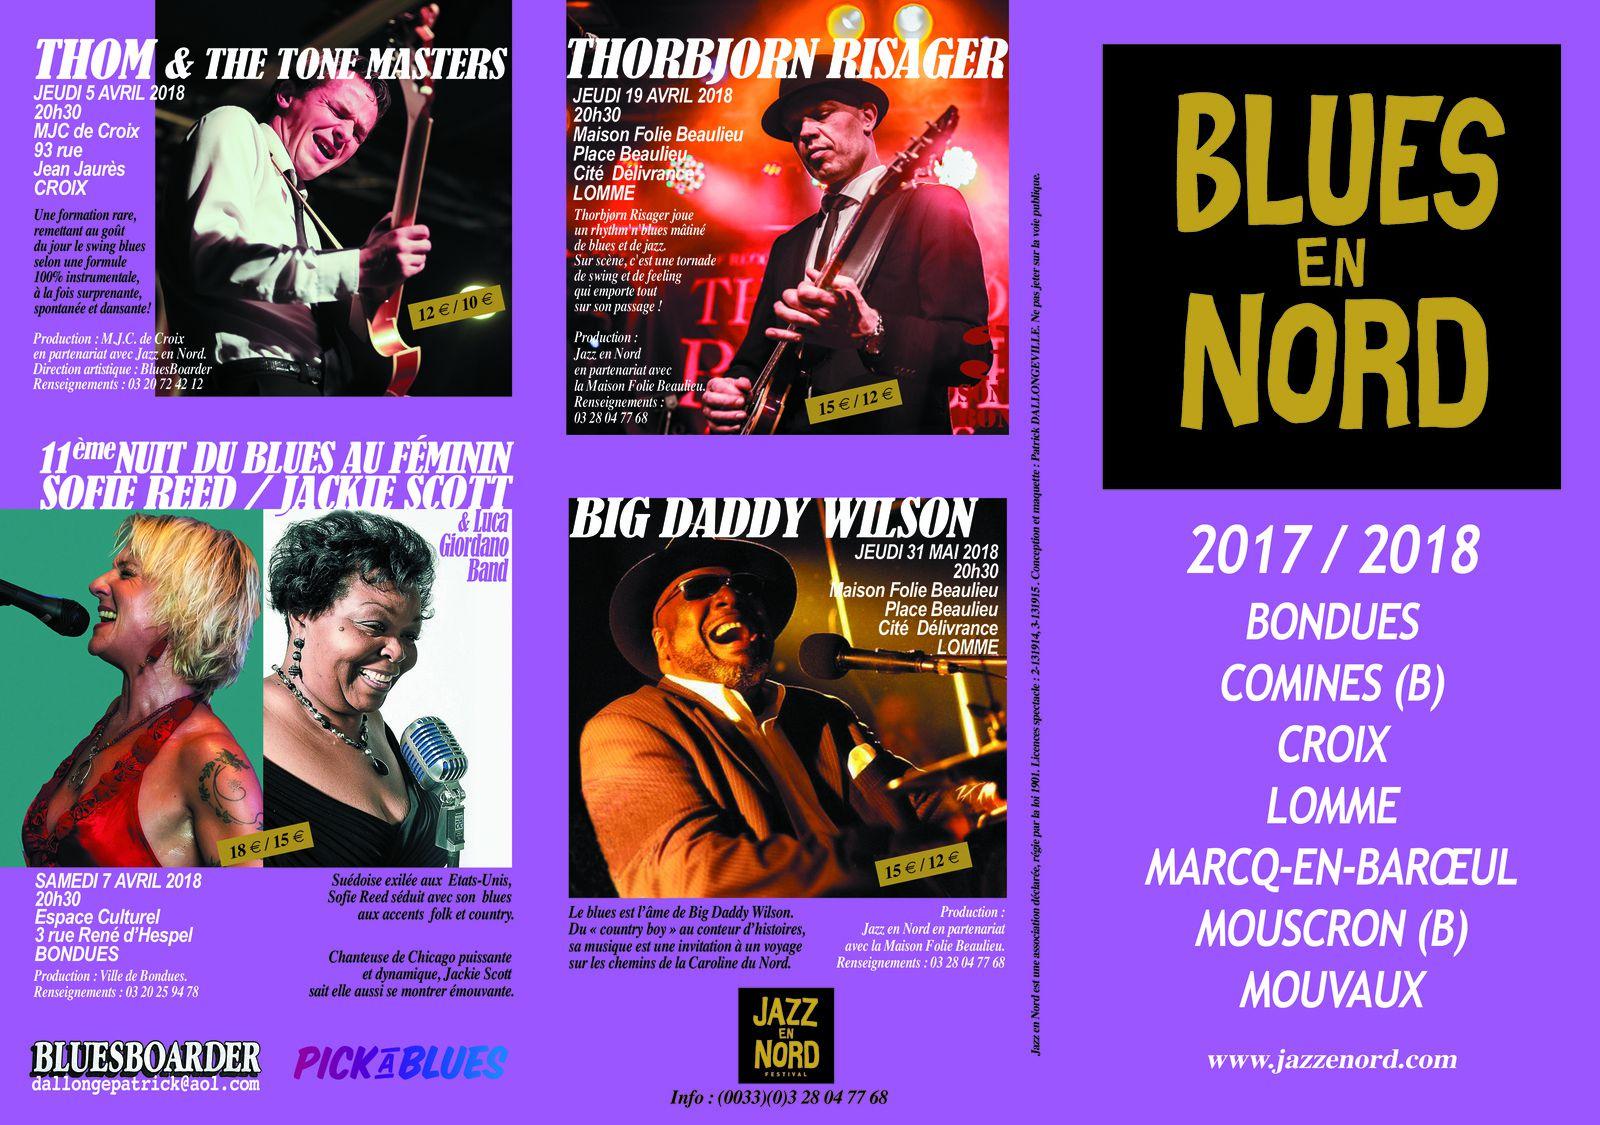 Playlist & podcast Tellin'you du 14/09/2017 - invité Patrick Dallongeville pour Blues en Nord - www.rqc.be